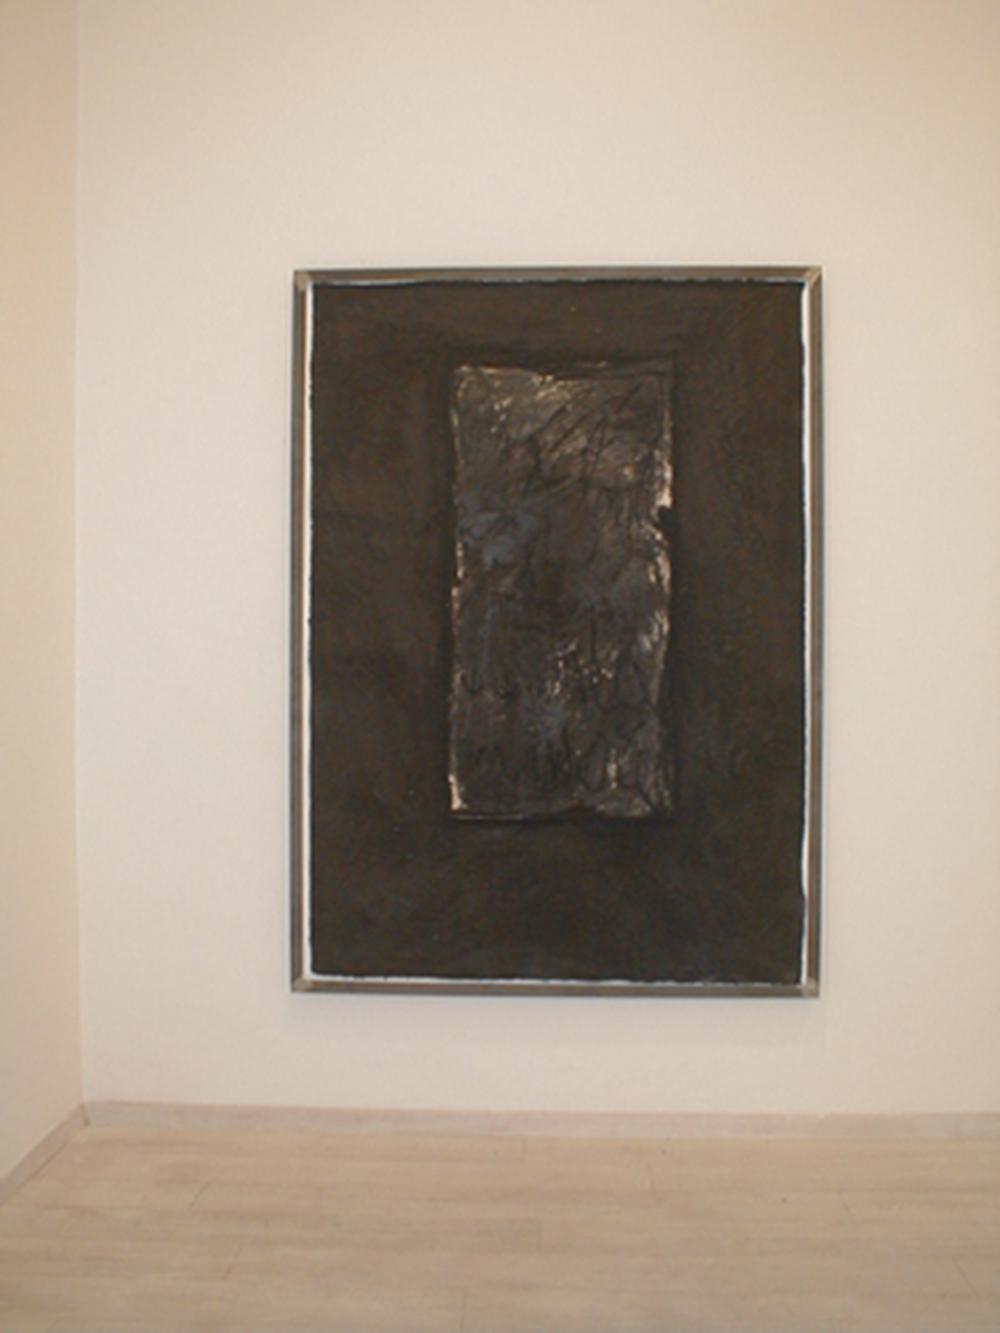 Giuseppe Spagnulo, Colpo di fuoco, 2003, sabbia di vulcano, ossido di ferro, carbone su carta, cm 201x139